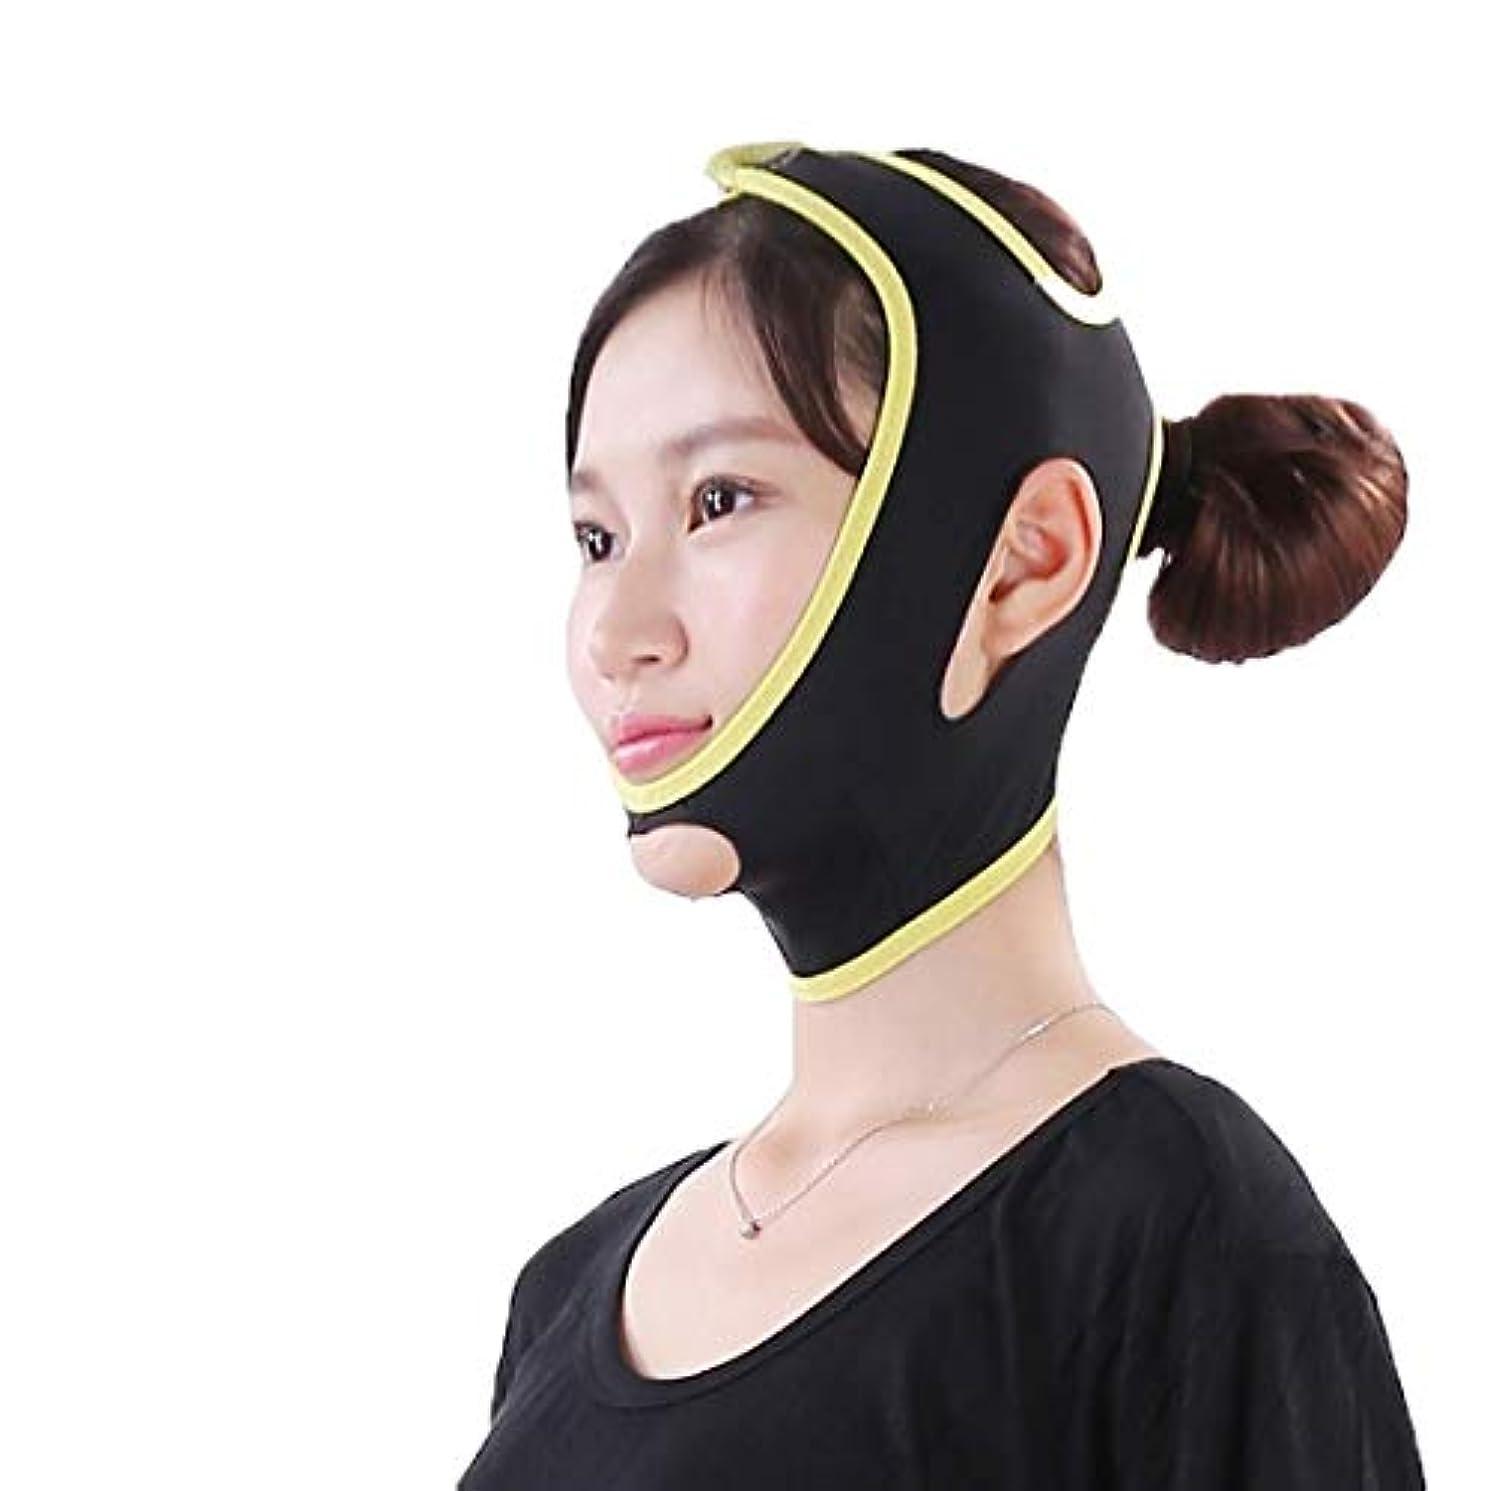 習慣対処音声学ZWBD フェイスマスク, 薄型フェイス包帯小型Vフェイス包帯薄型フェイスマスクリフティングハンギングイヤー通気性ビームフェイスマスクブラック